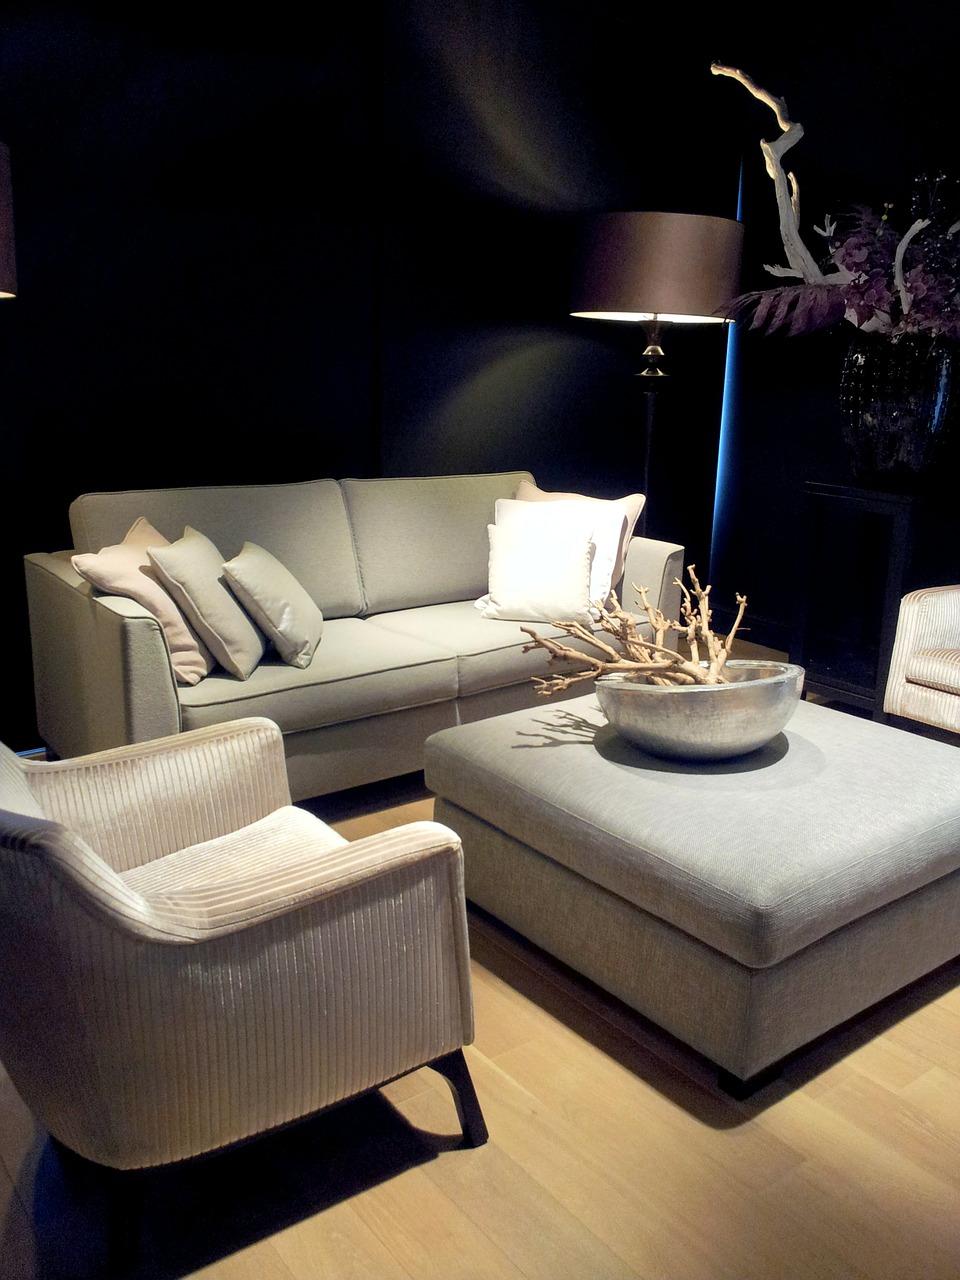 living-room-482133_1280.jpg